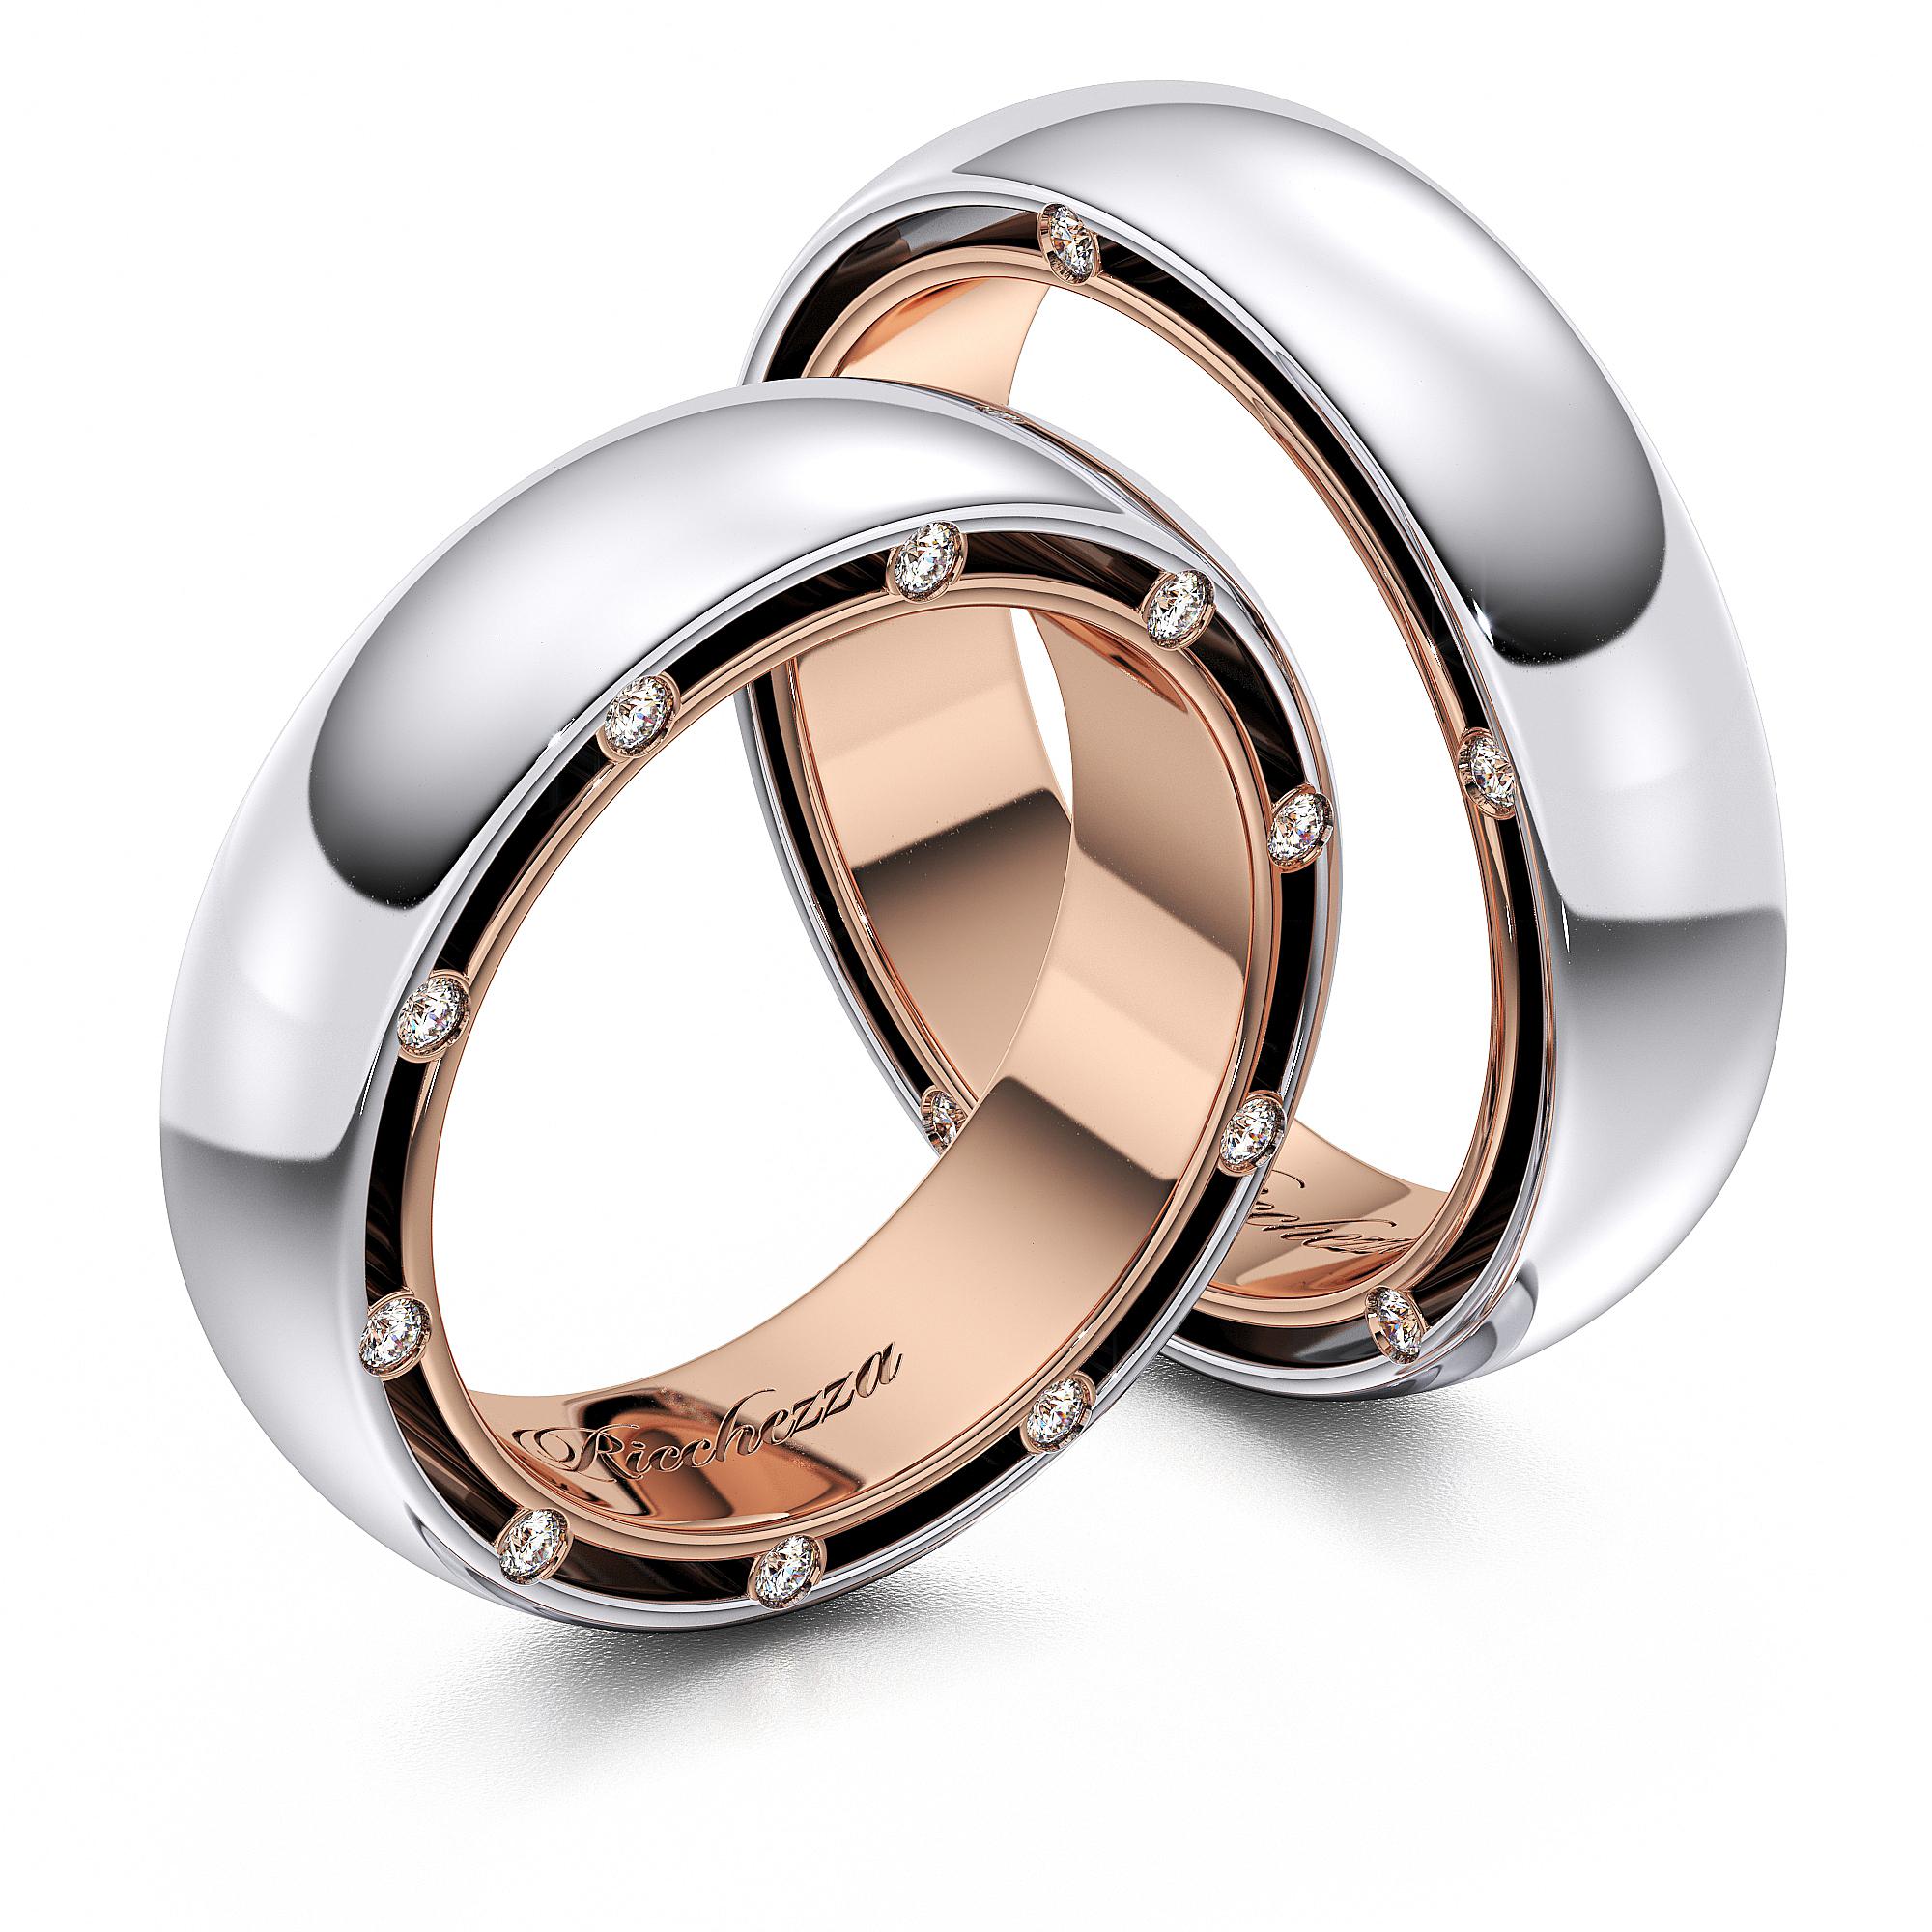 Обручальные кольца RS38 — Ricchezza — ювелирные изделия e405afab6bd